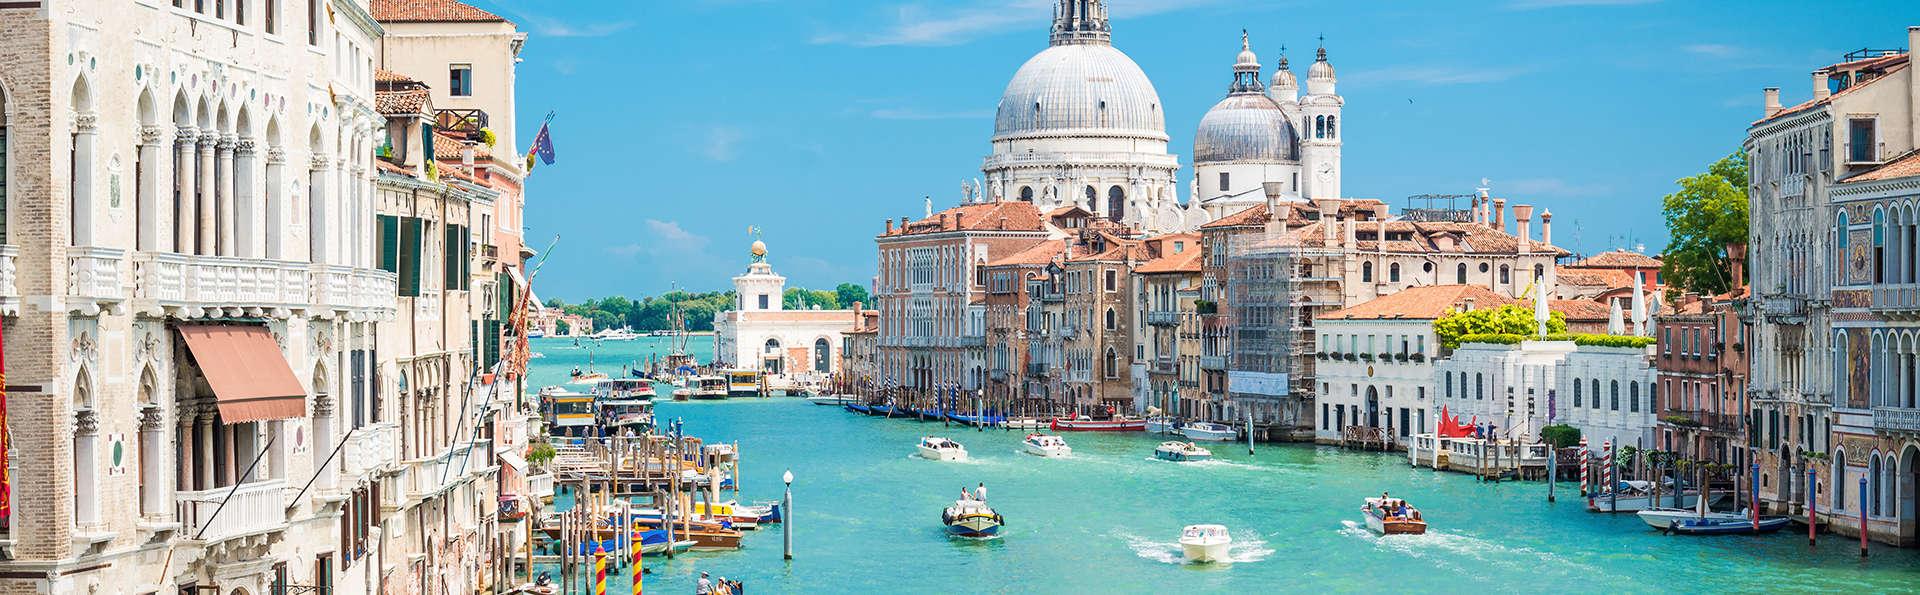 Centre de Venise à quelques pas du Pont de Rialto